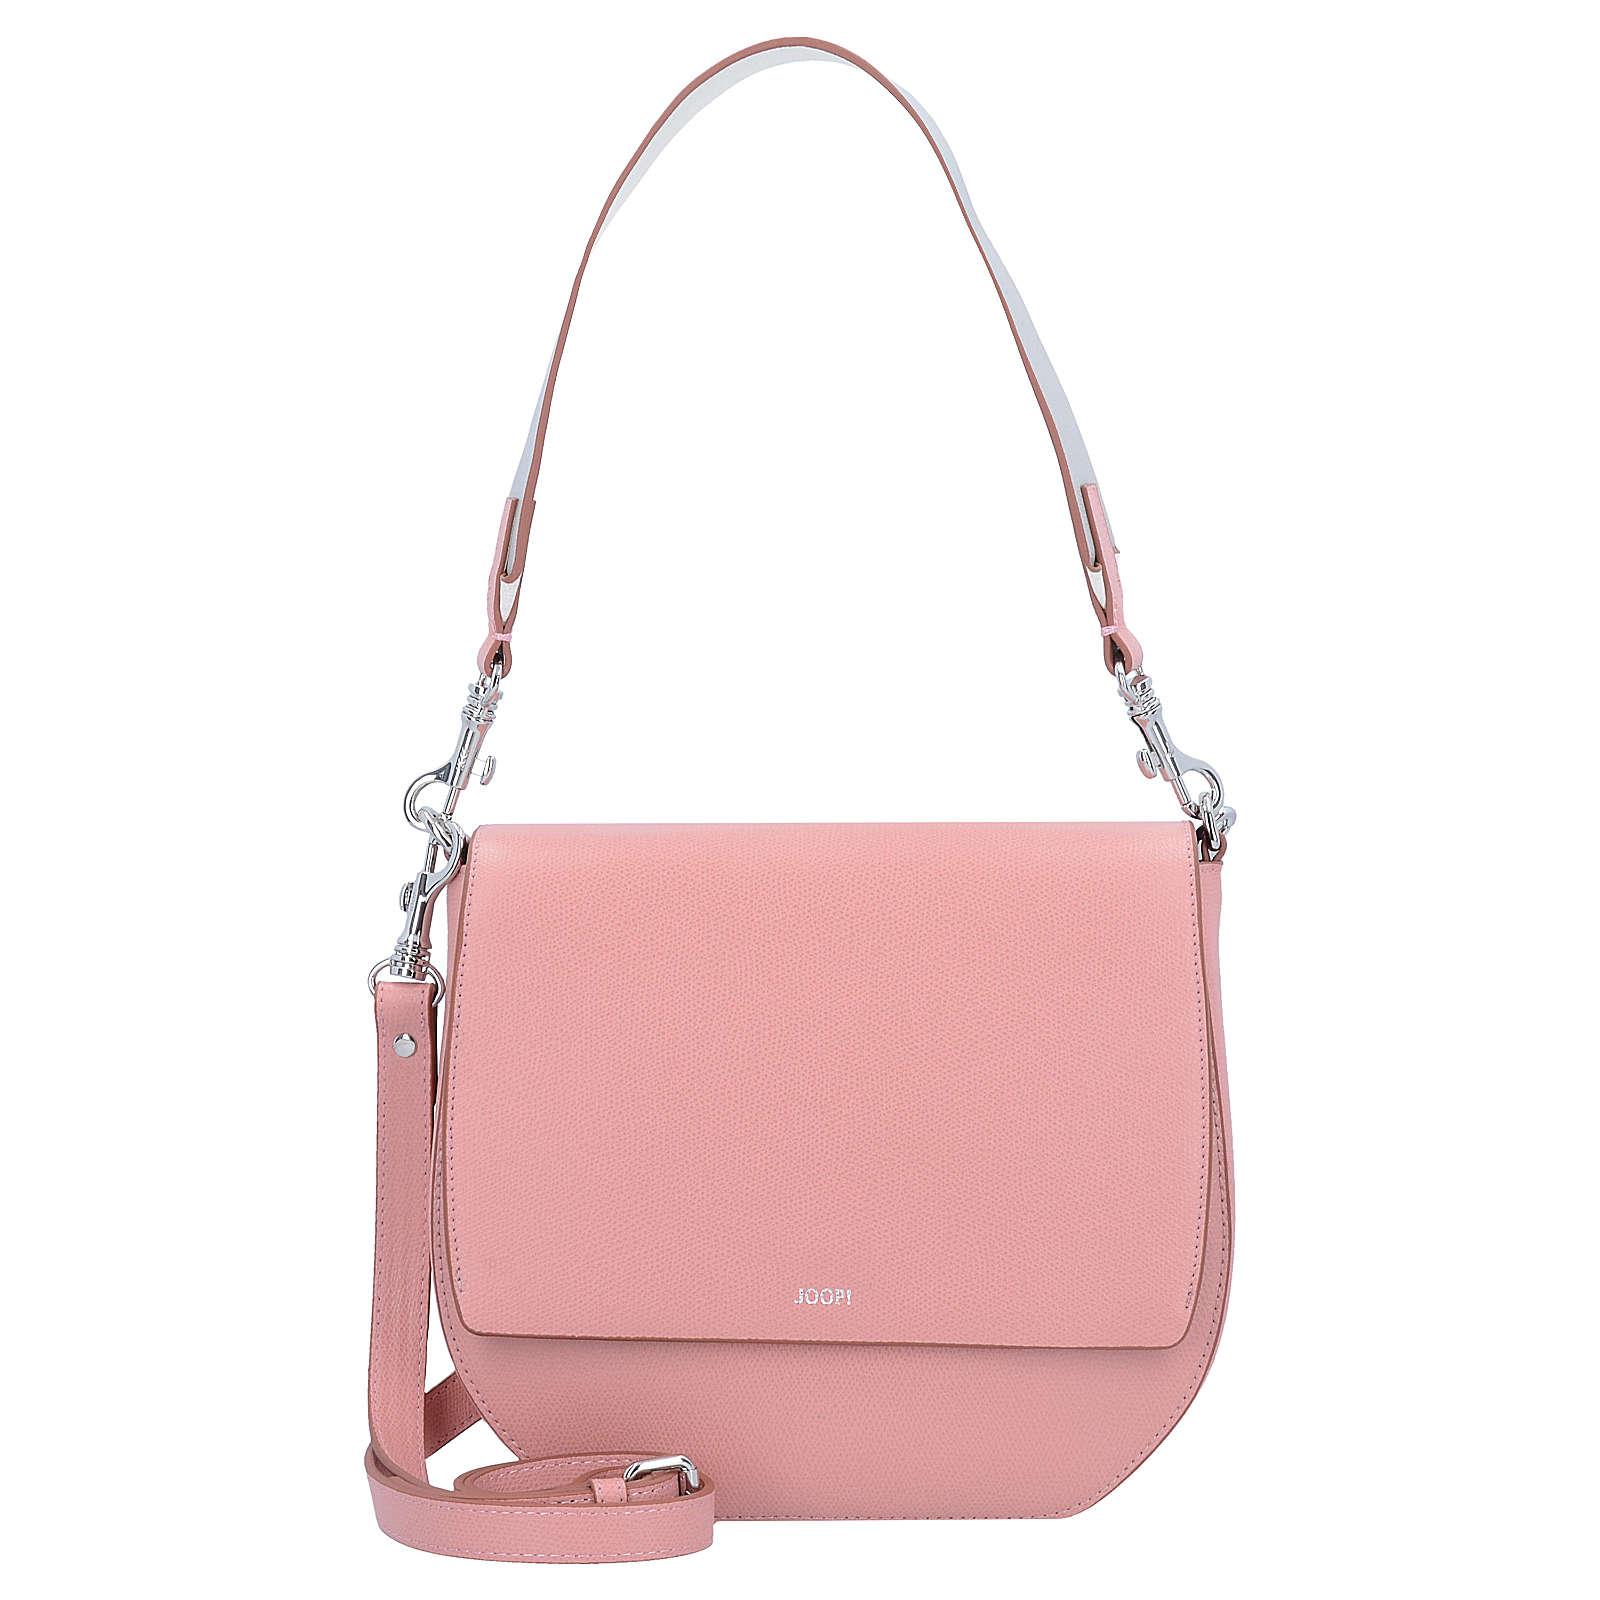 JOOP! Rhea Umhängetaschen pink Damen 4053533595501 jetztbilligerkaufen.de